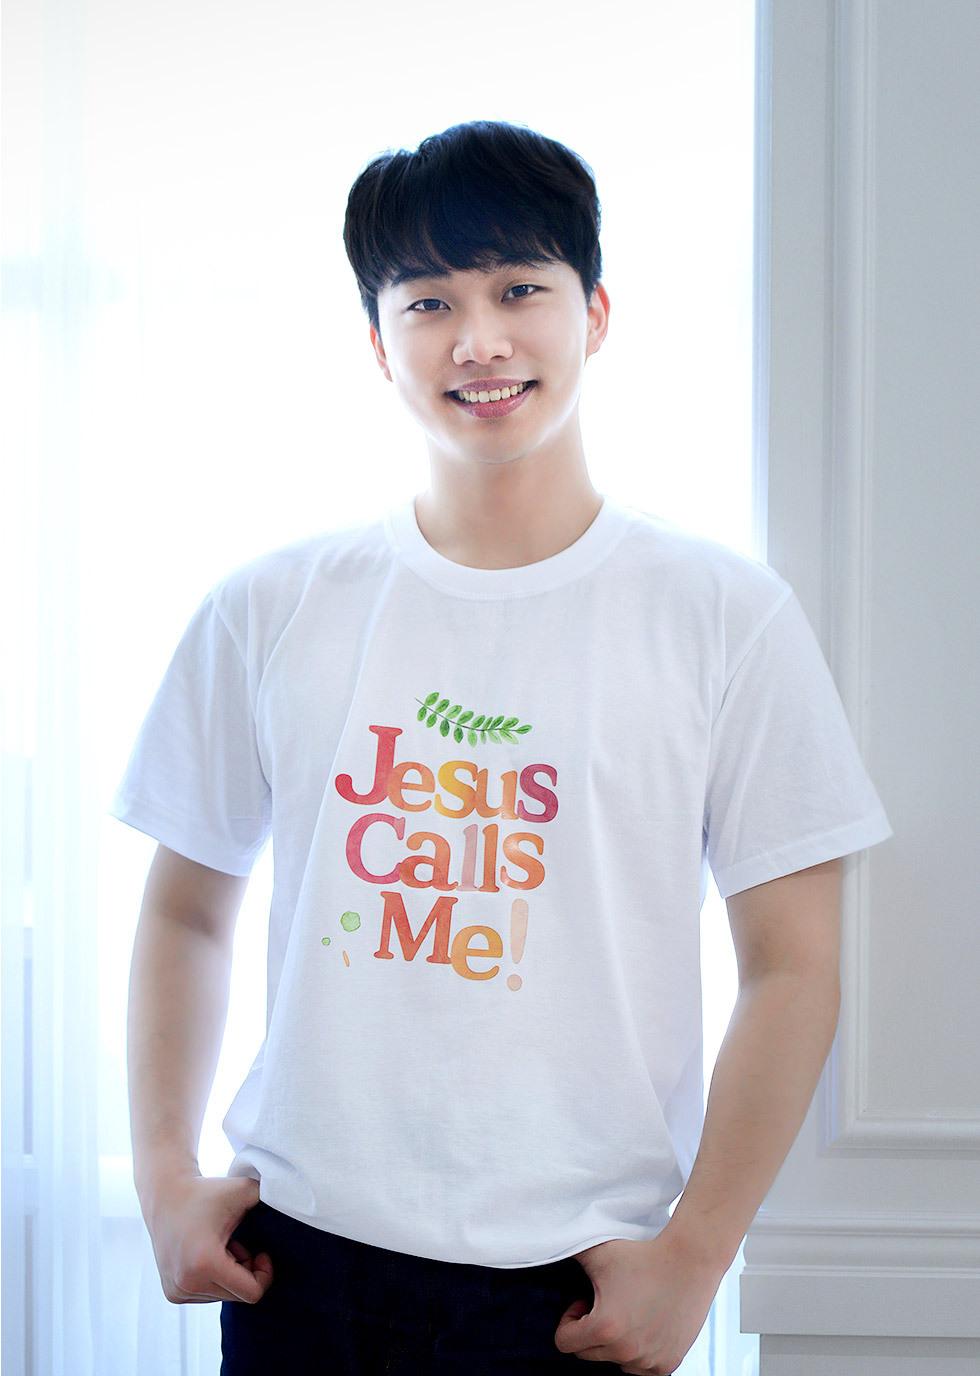 예수님이 부르세요, Jesus calls me - 성인티셔츠(콜미) 티셔츠 강점